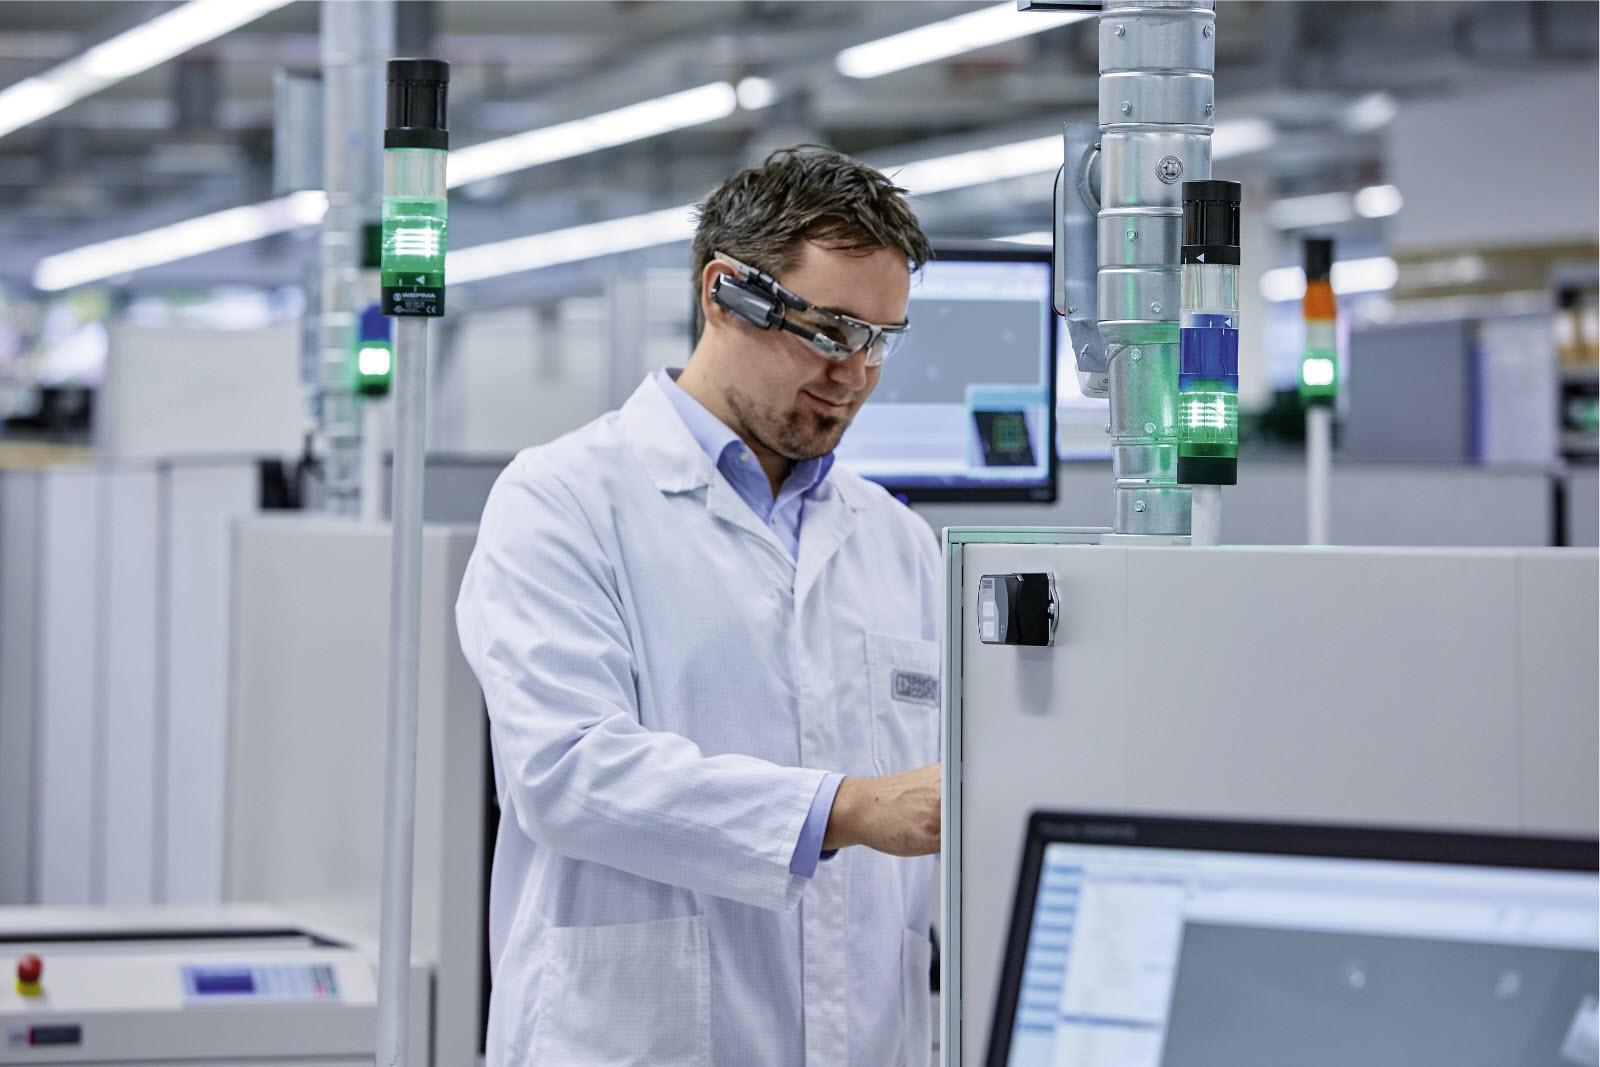 Rys. 2. Coraz więcej producentów maszyn zapewnia swoim klientom możliwość korzystania z inteligentnych urządzeń, np. tabletów czy inteligentnych okularów, do pracy na maszynie.